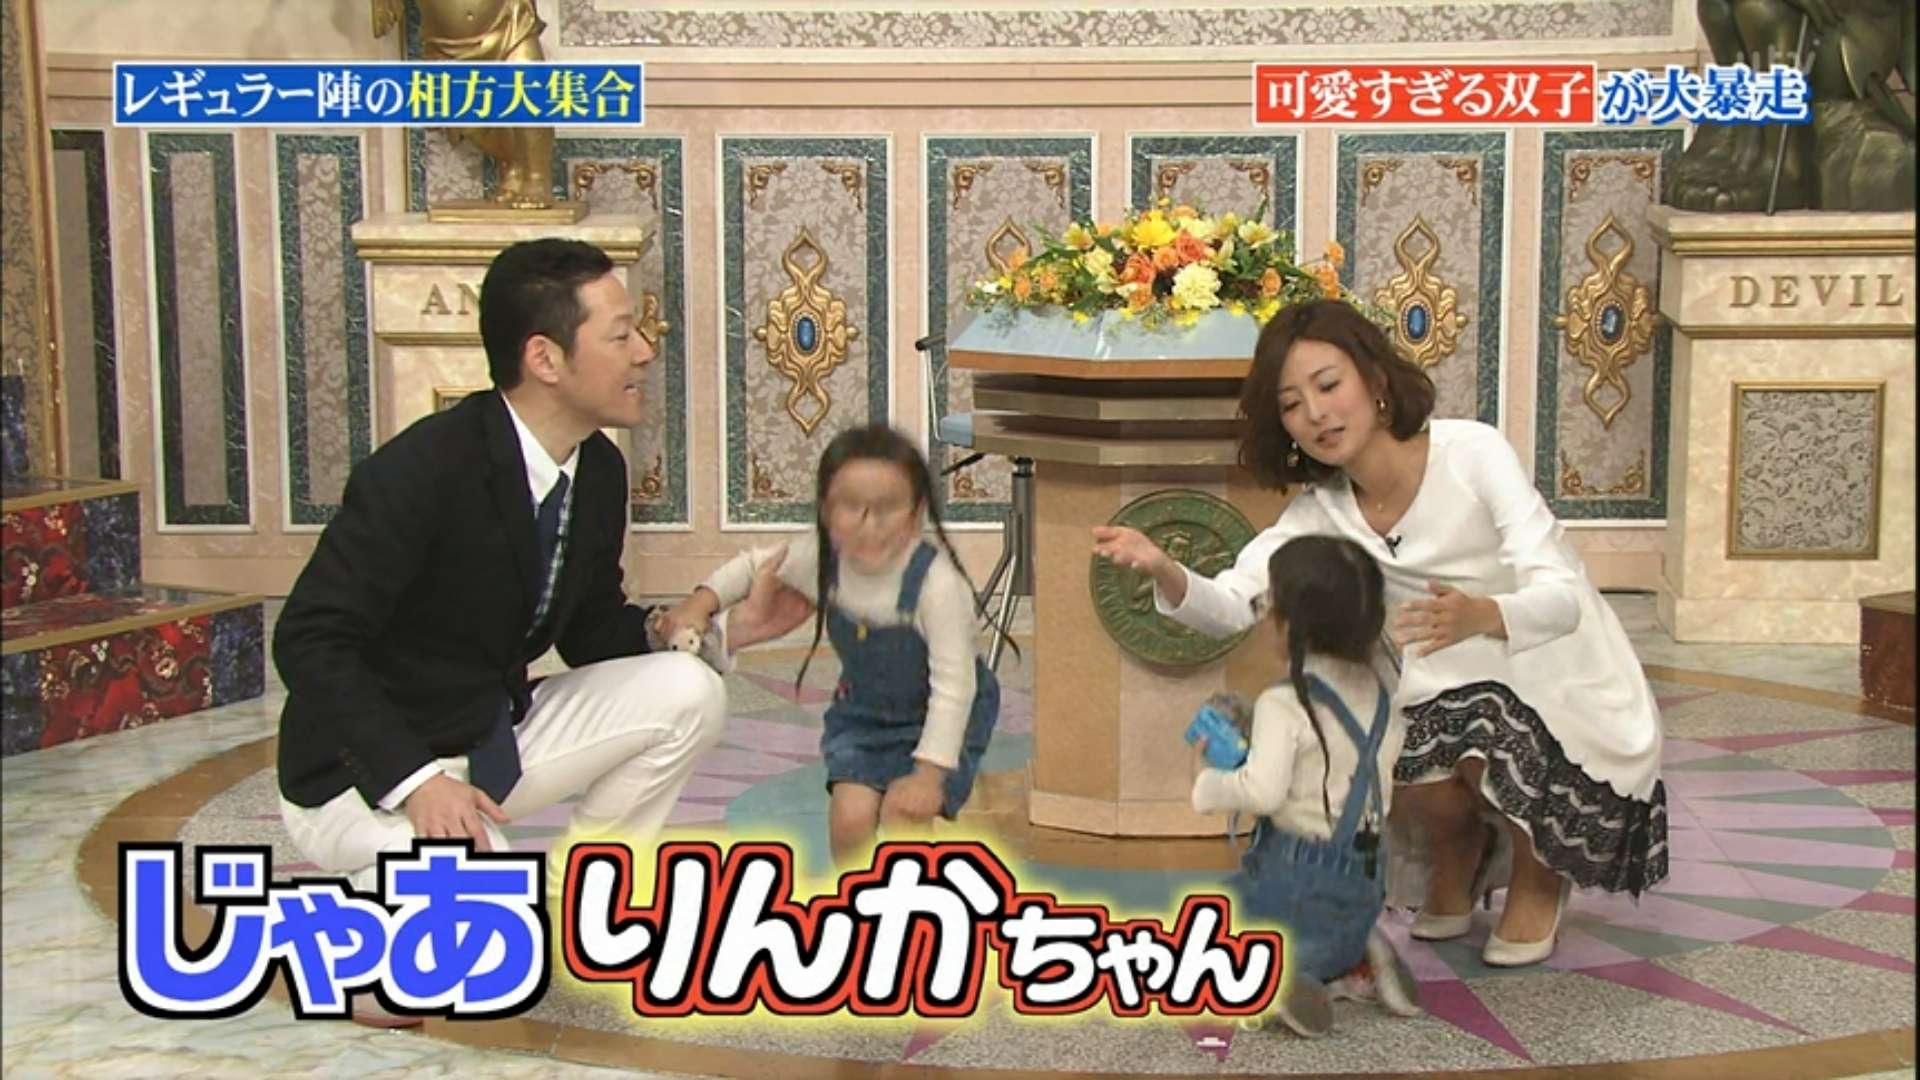 徳島えりかのセクシー水着エロ画像が放送事故